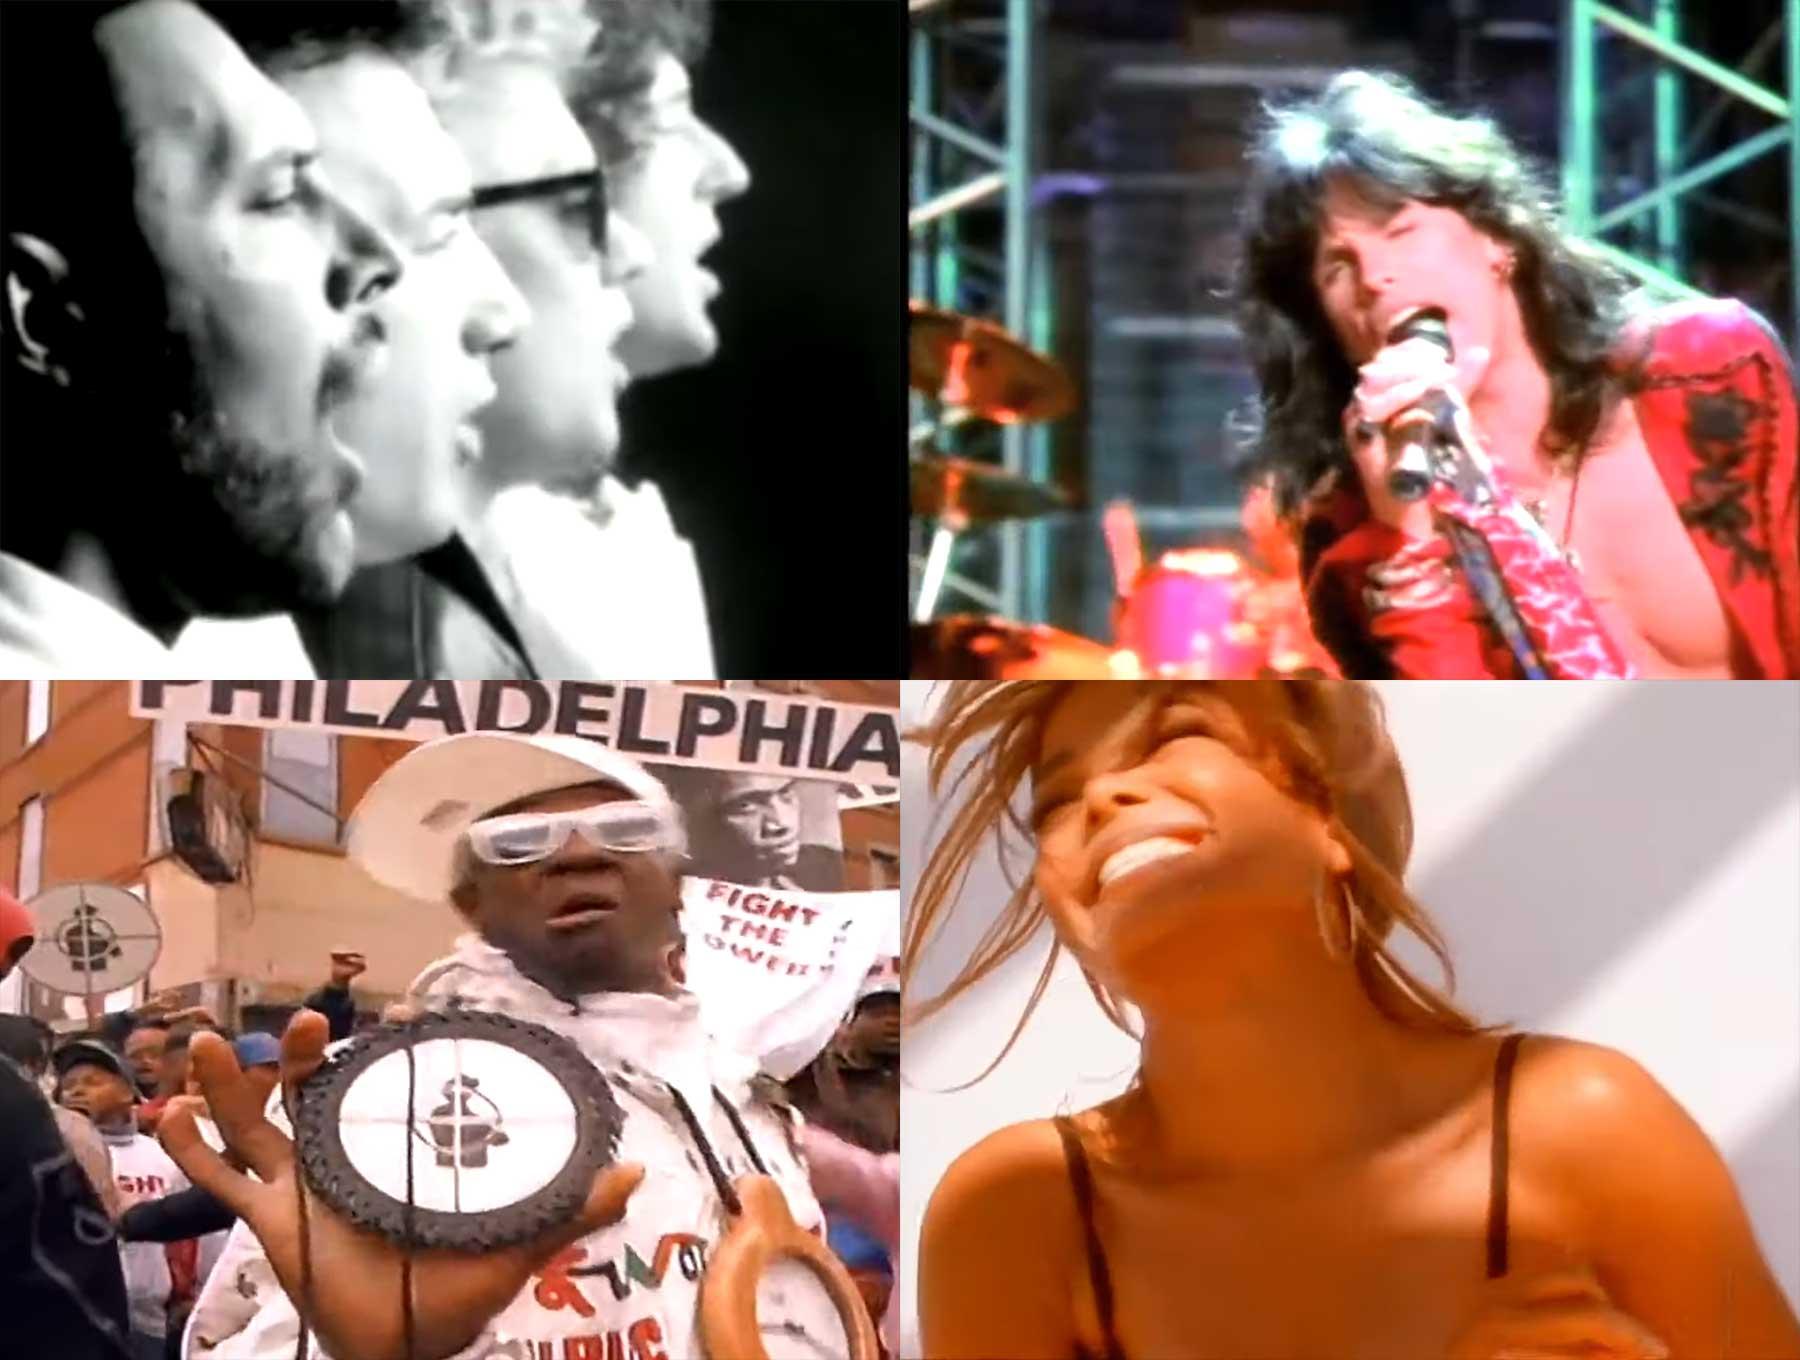 Mashup: Die 50 besten Songs des Jahres 1989 in 3 Minuten